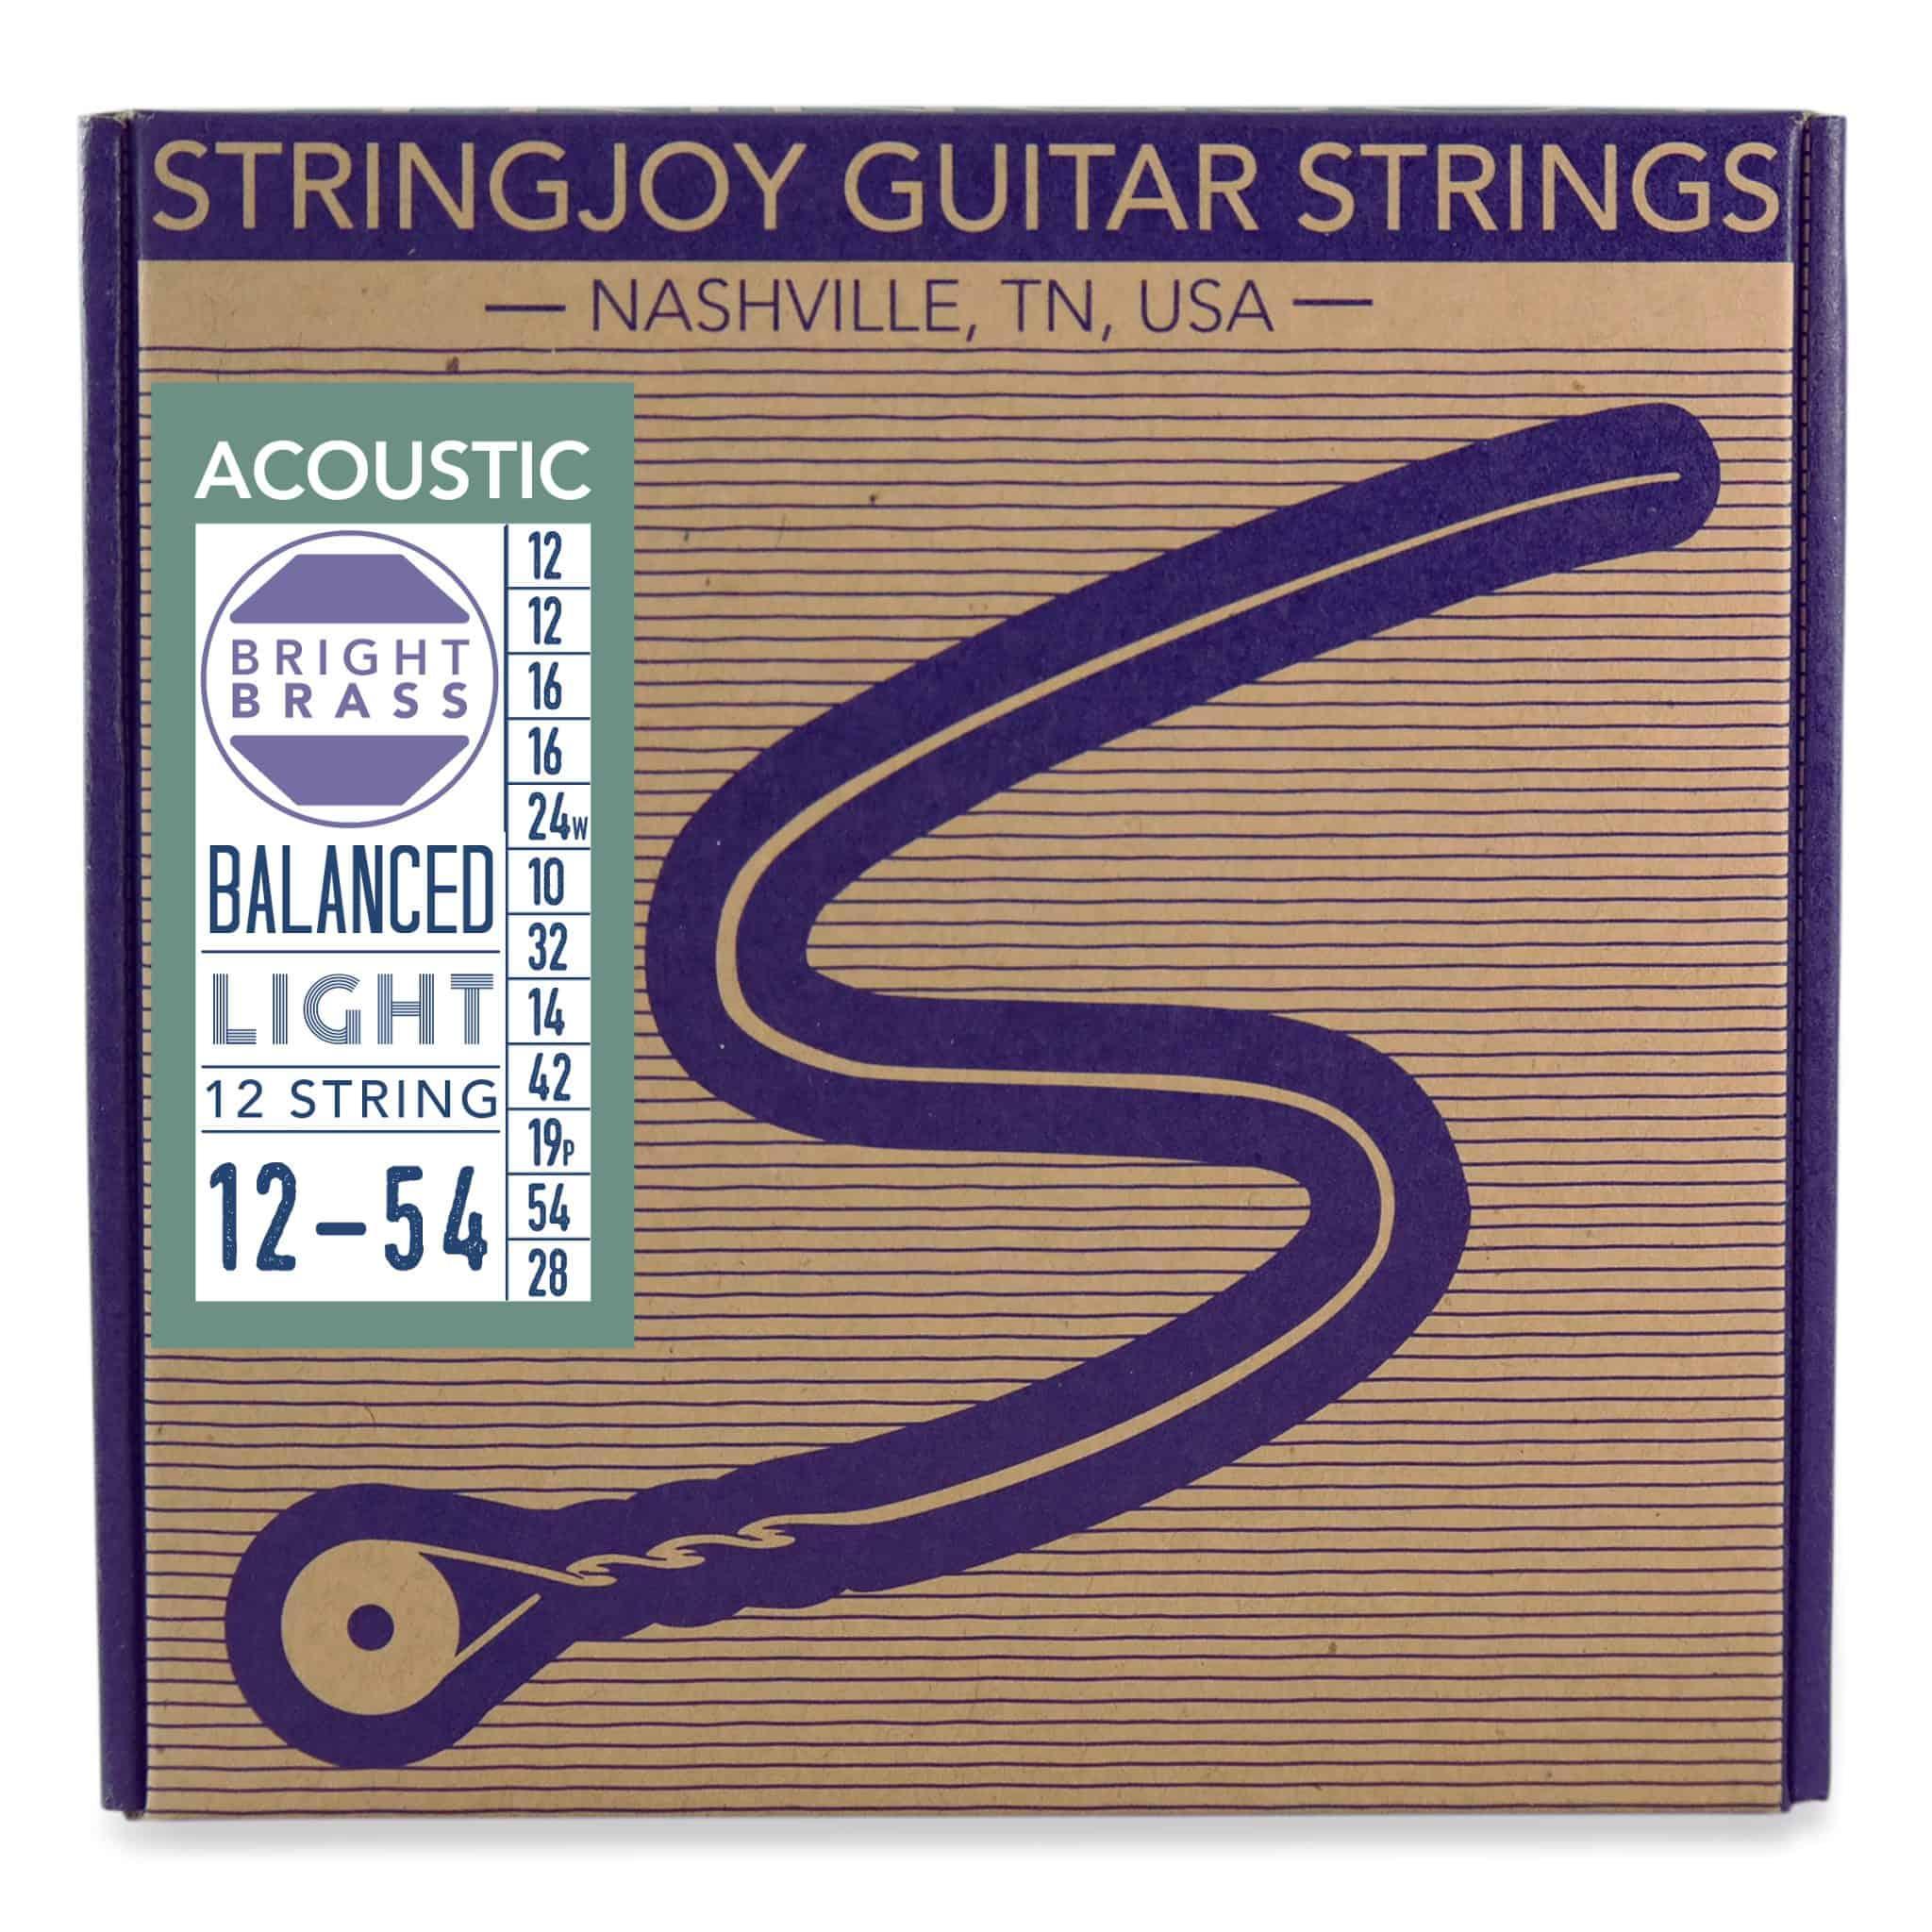 stringjoy light gauge 12 string 80 20 acoustic guitar strings. Black Bedroom Furniture Sets. Home Design Ideas